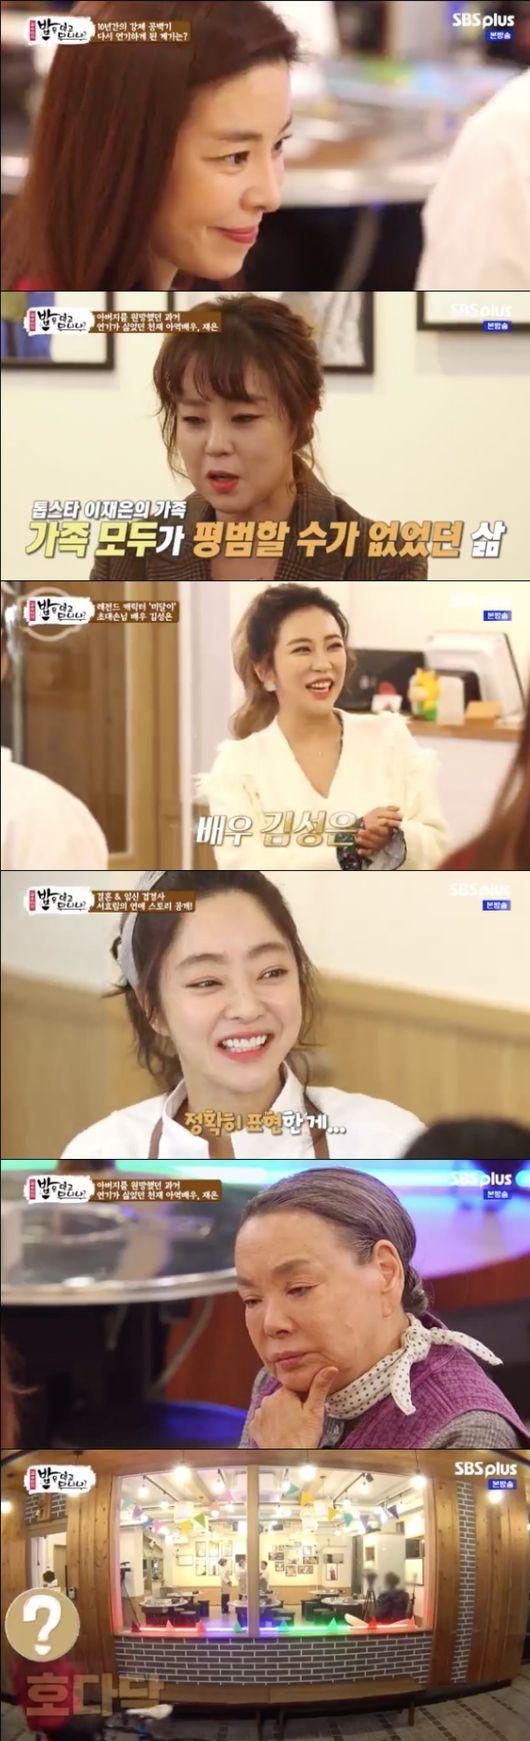 [사진=SBS플러스 방송화면] '밥은 먹고 다니냐?'에서 김규리, 이재은, 김성은, 서효림 등이 든든한 위로와 힐링을 선사했다.